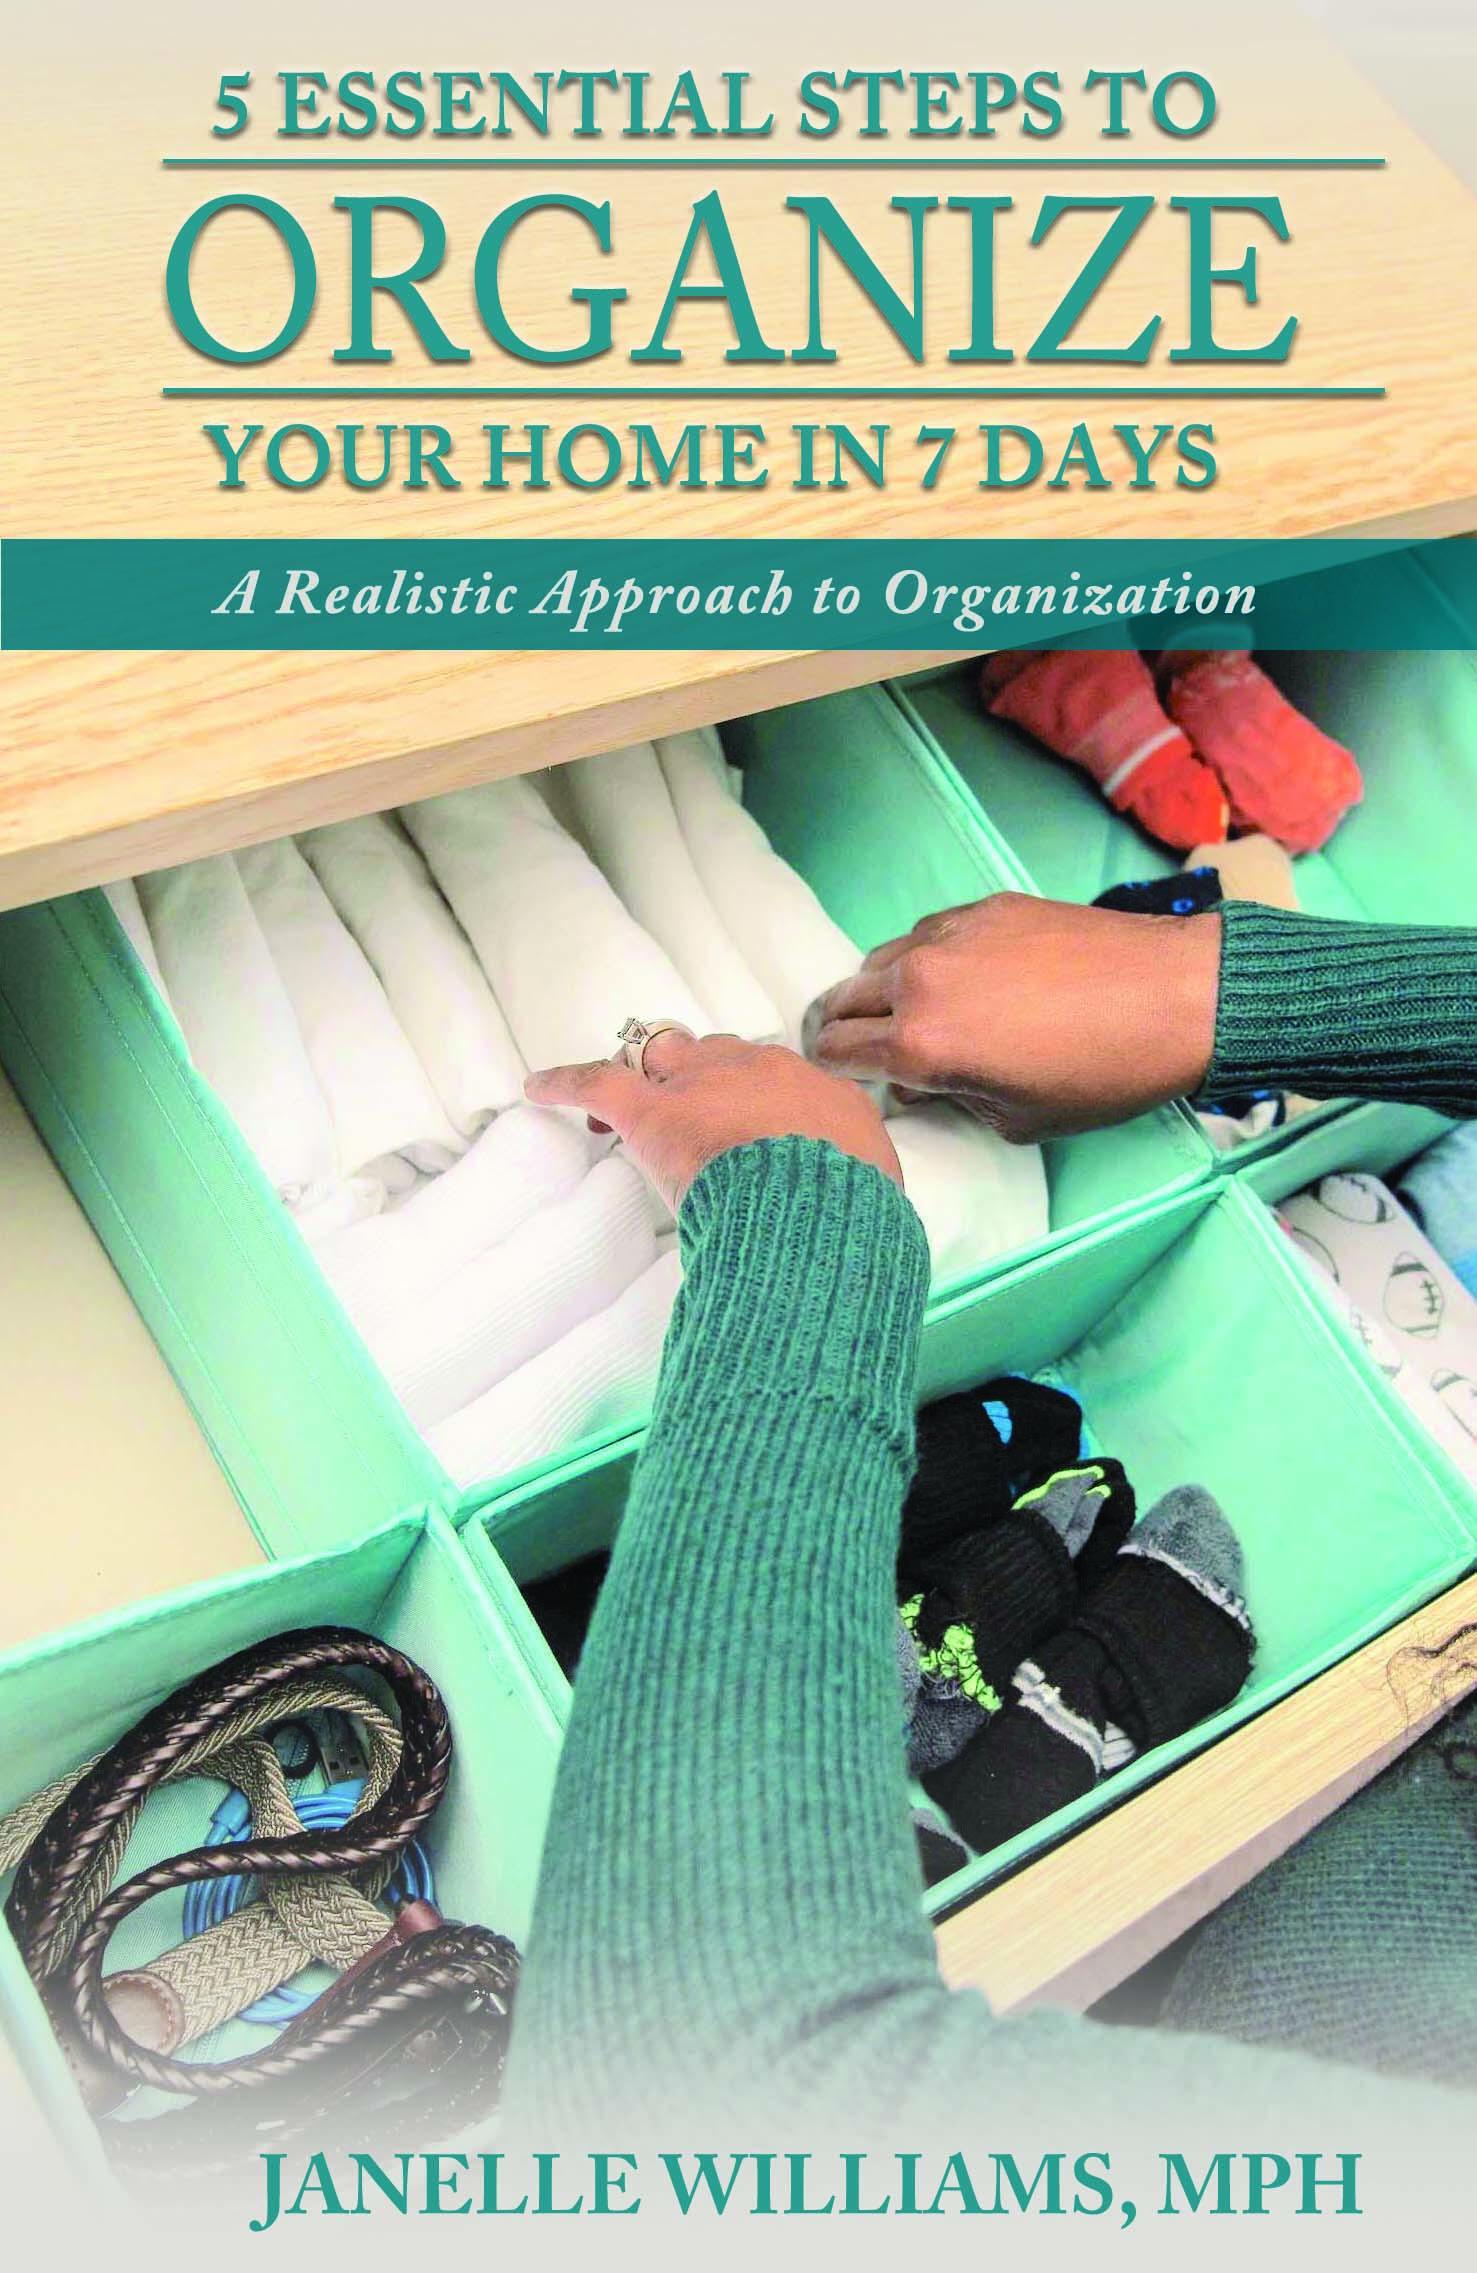 5 Essentials to Home Organization in 7 Days